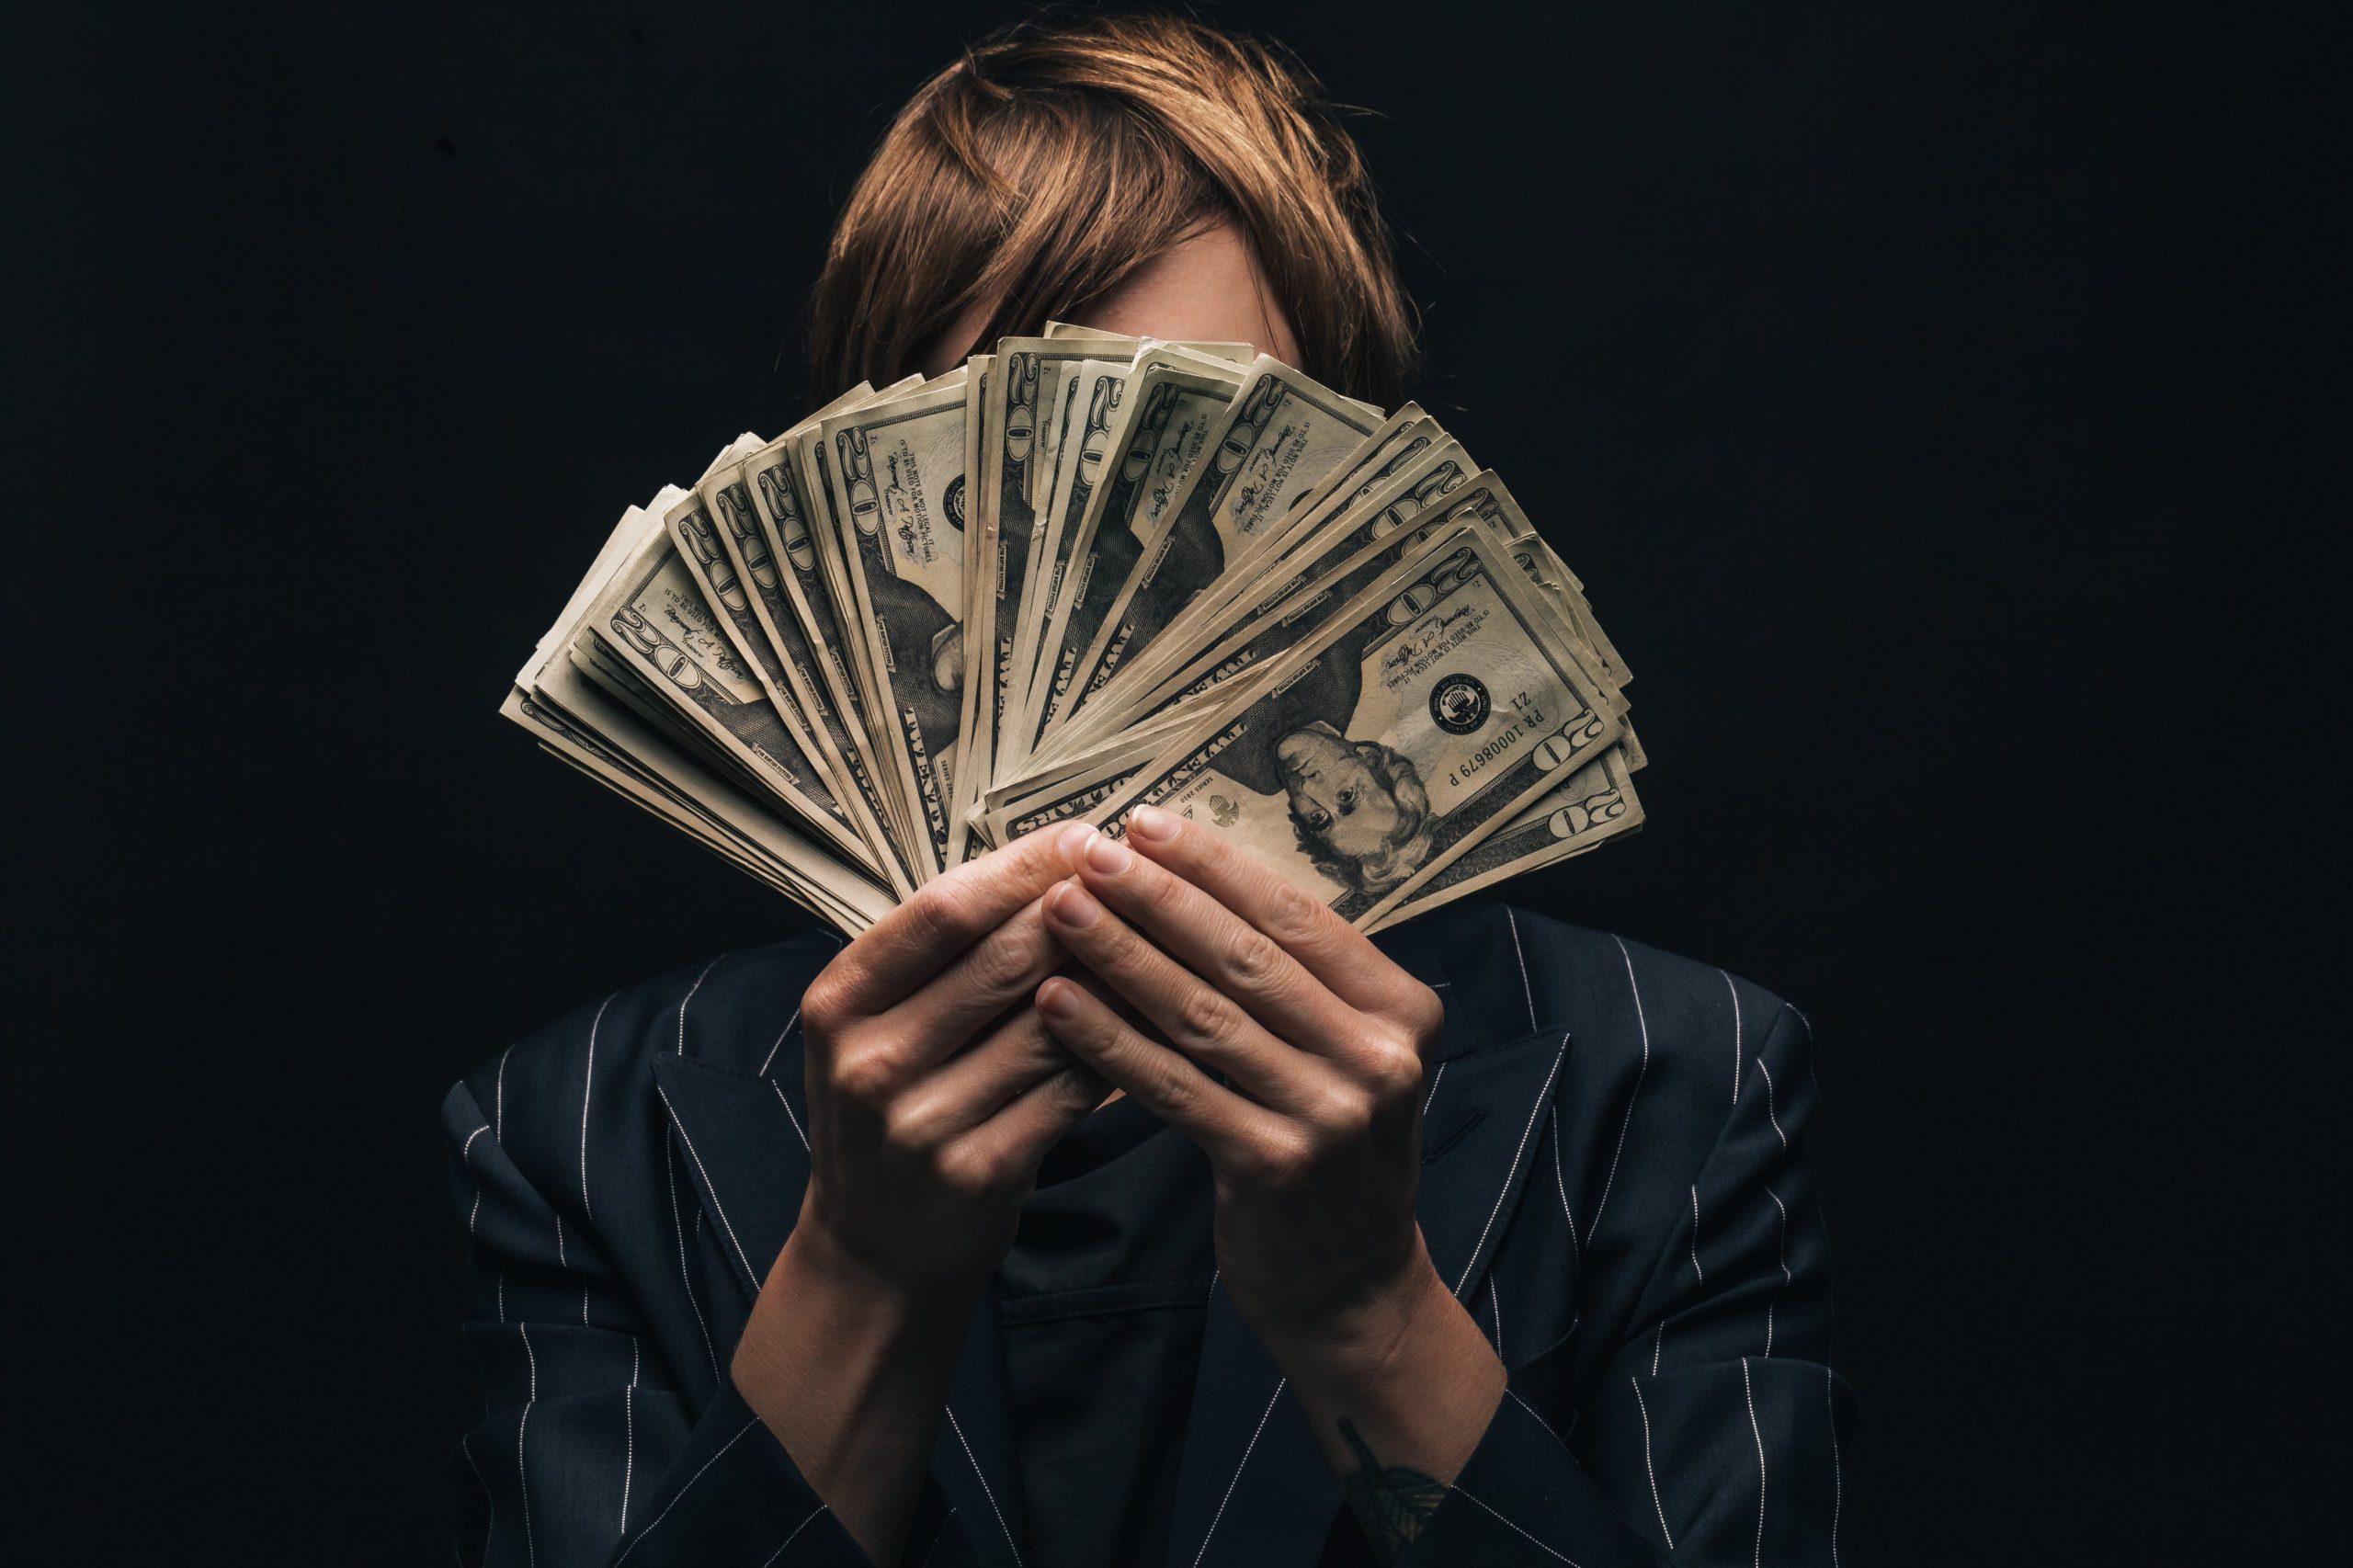 Persona se esconde detràs de billetes